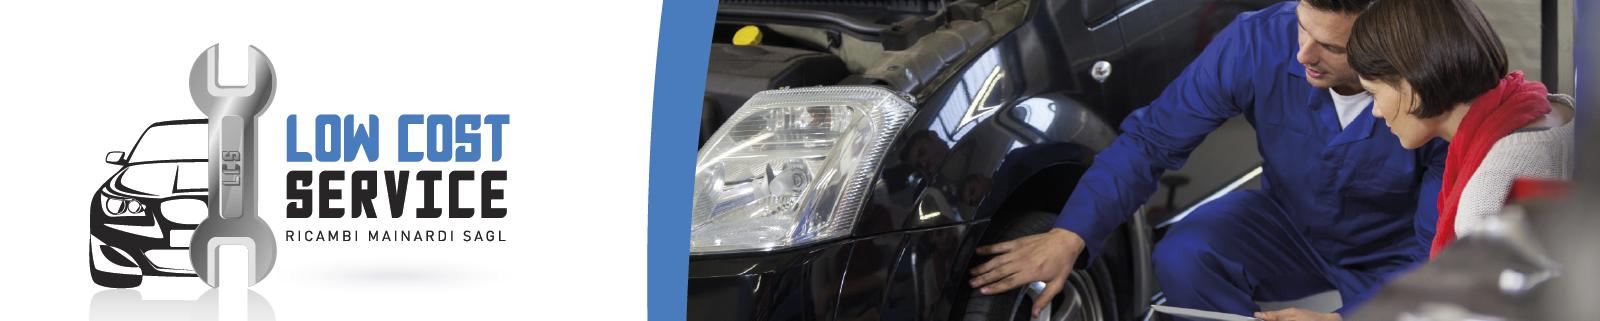 Competenza e qualità nei ricambi auto di Low Cost Service